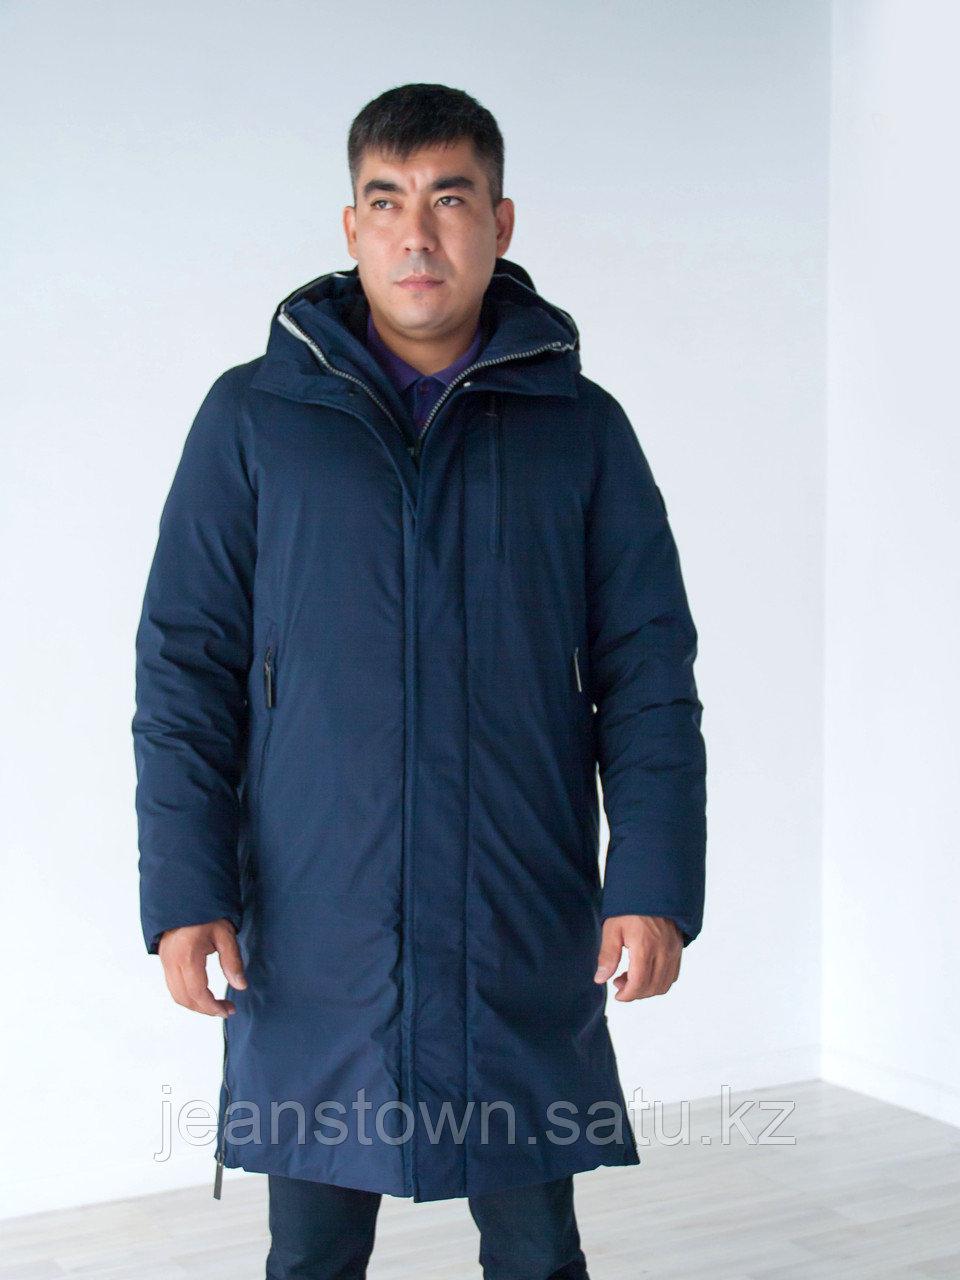 Куртка мужская зимняя VIvacana длинная синяя